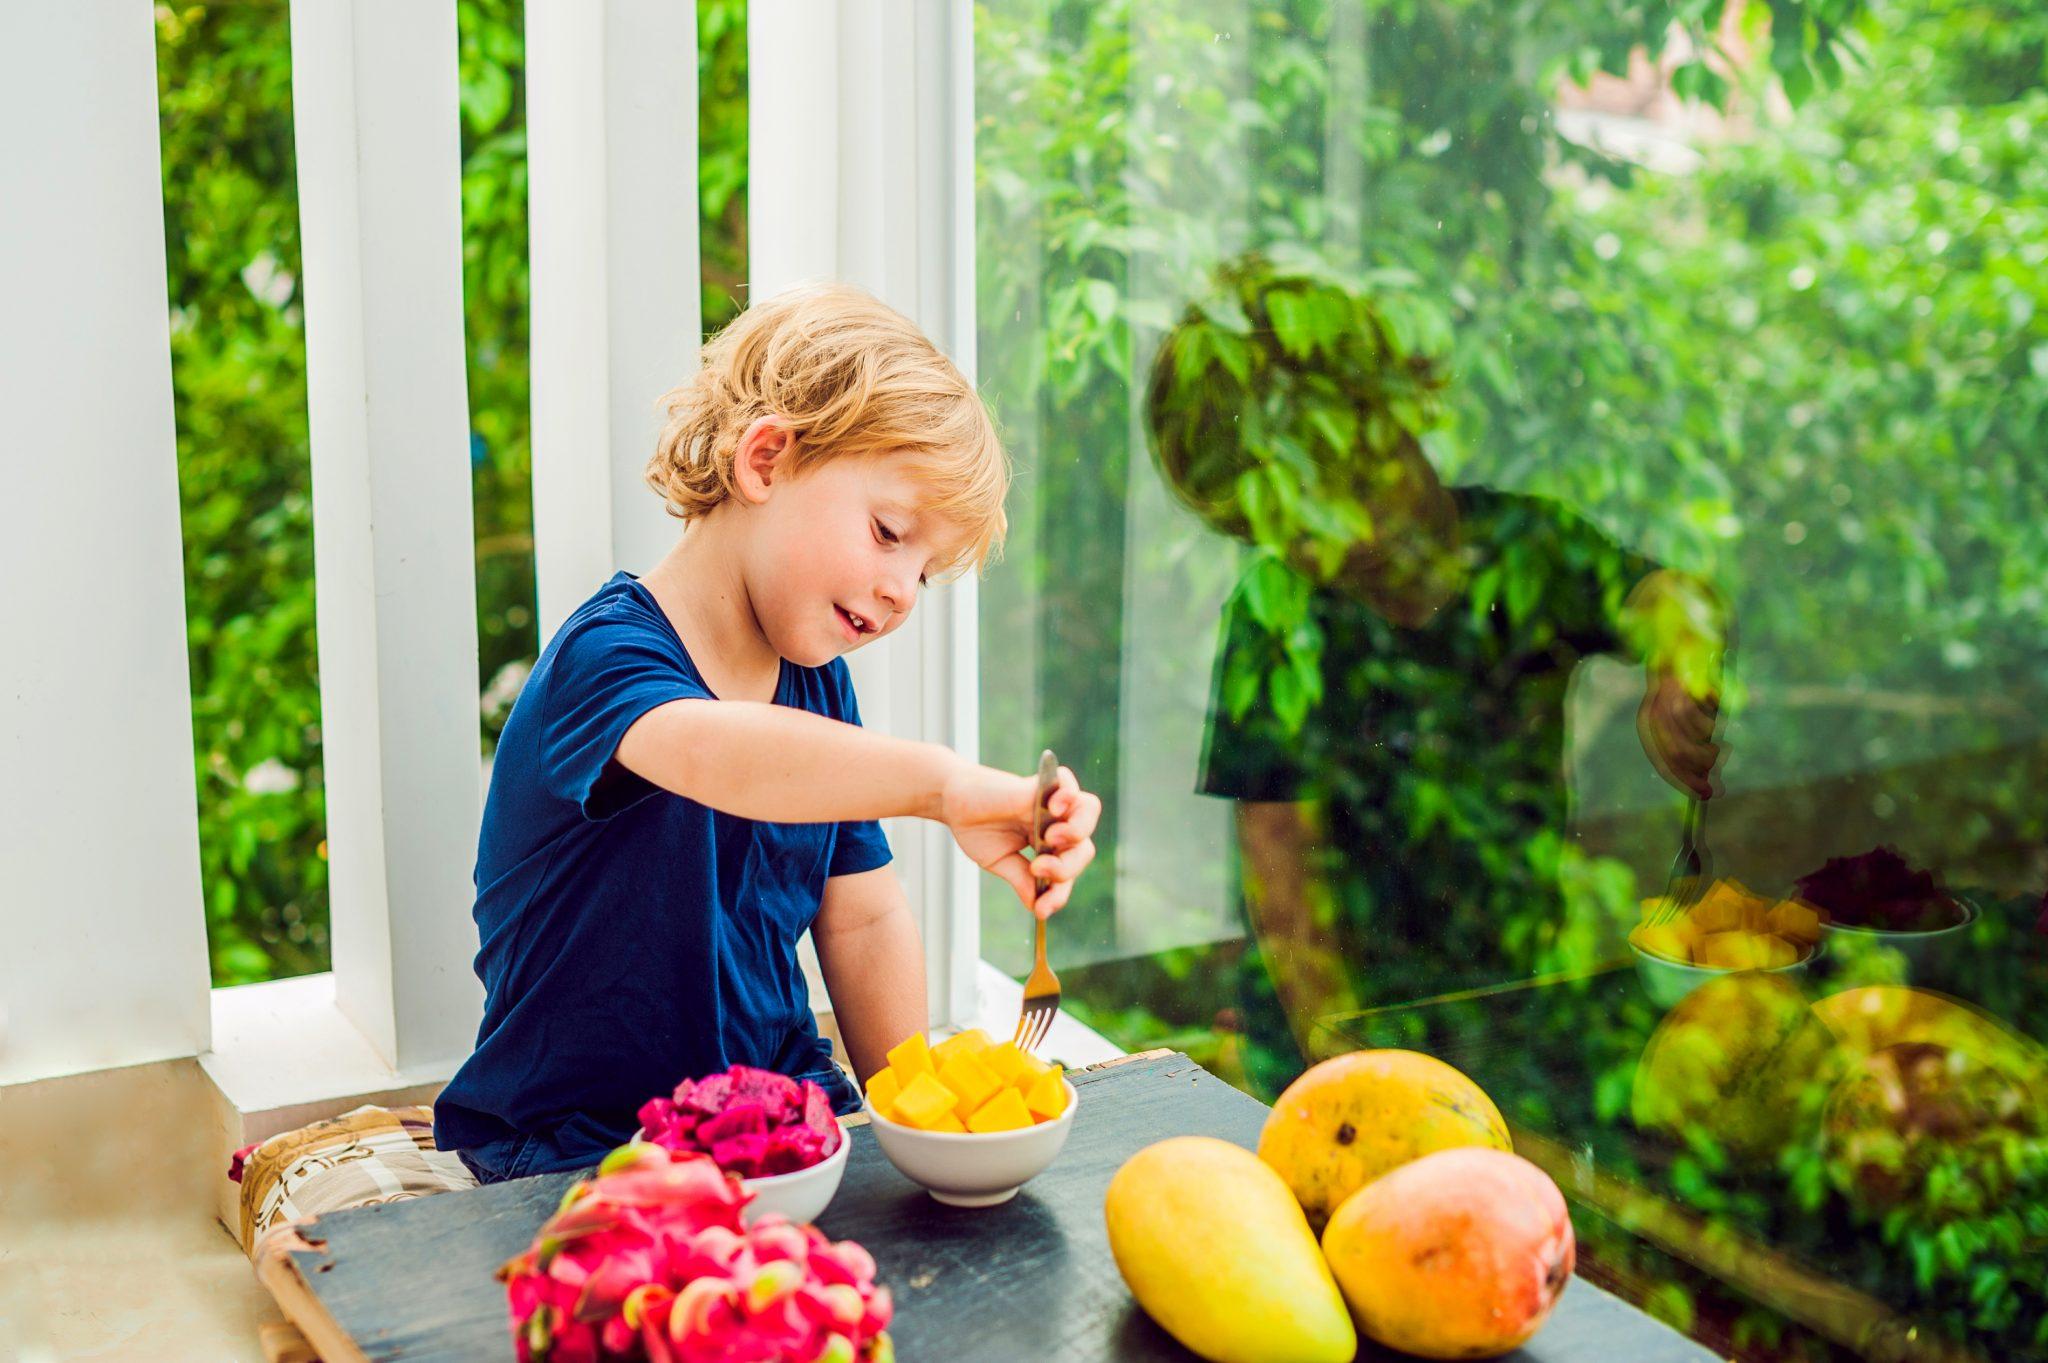 マンゴーを食べている男の子